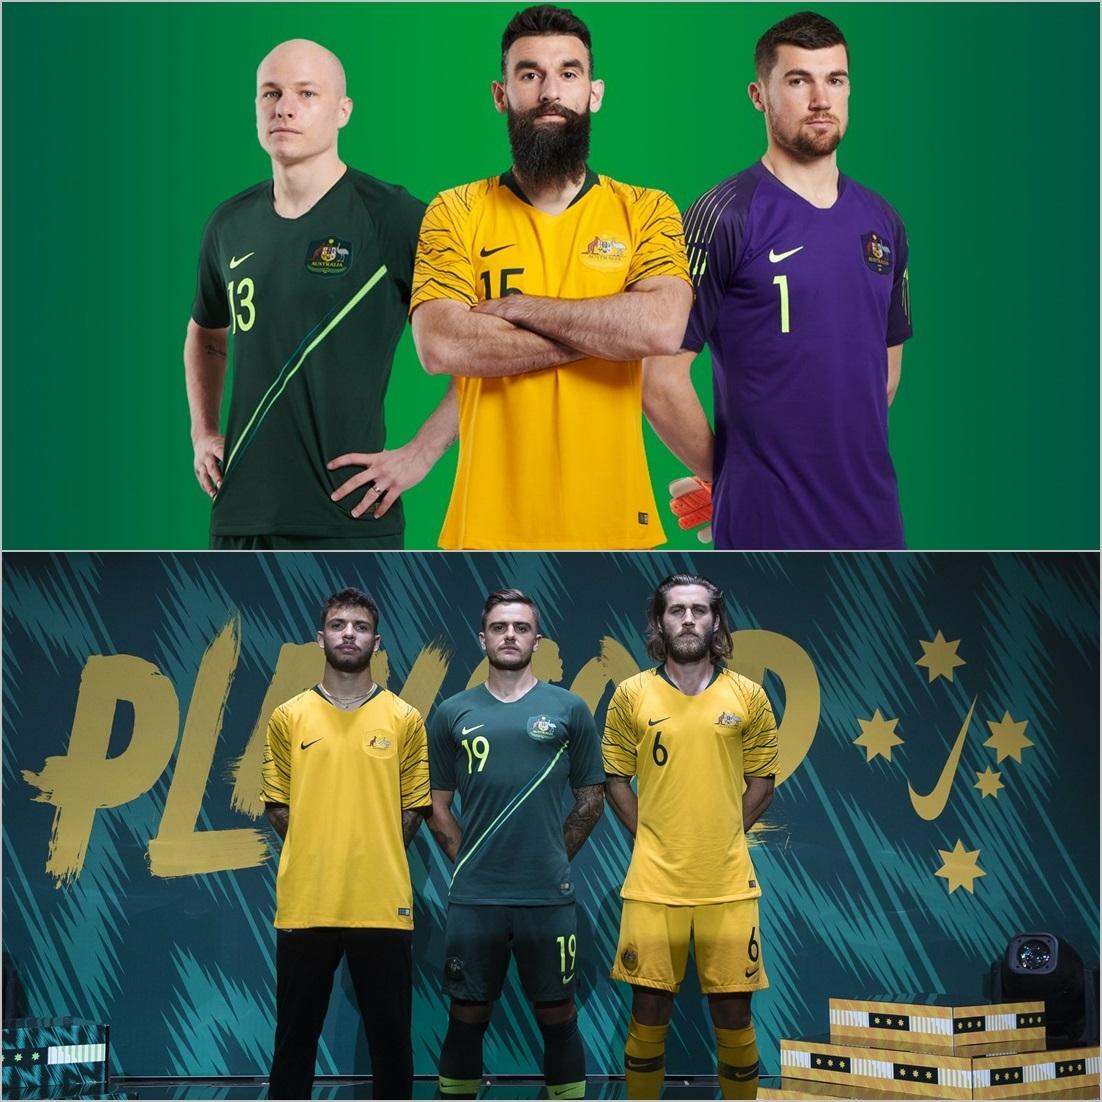 لباس استرالیا برای حضور در جام جهانی 2018 رونمایی شد+ عکس